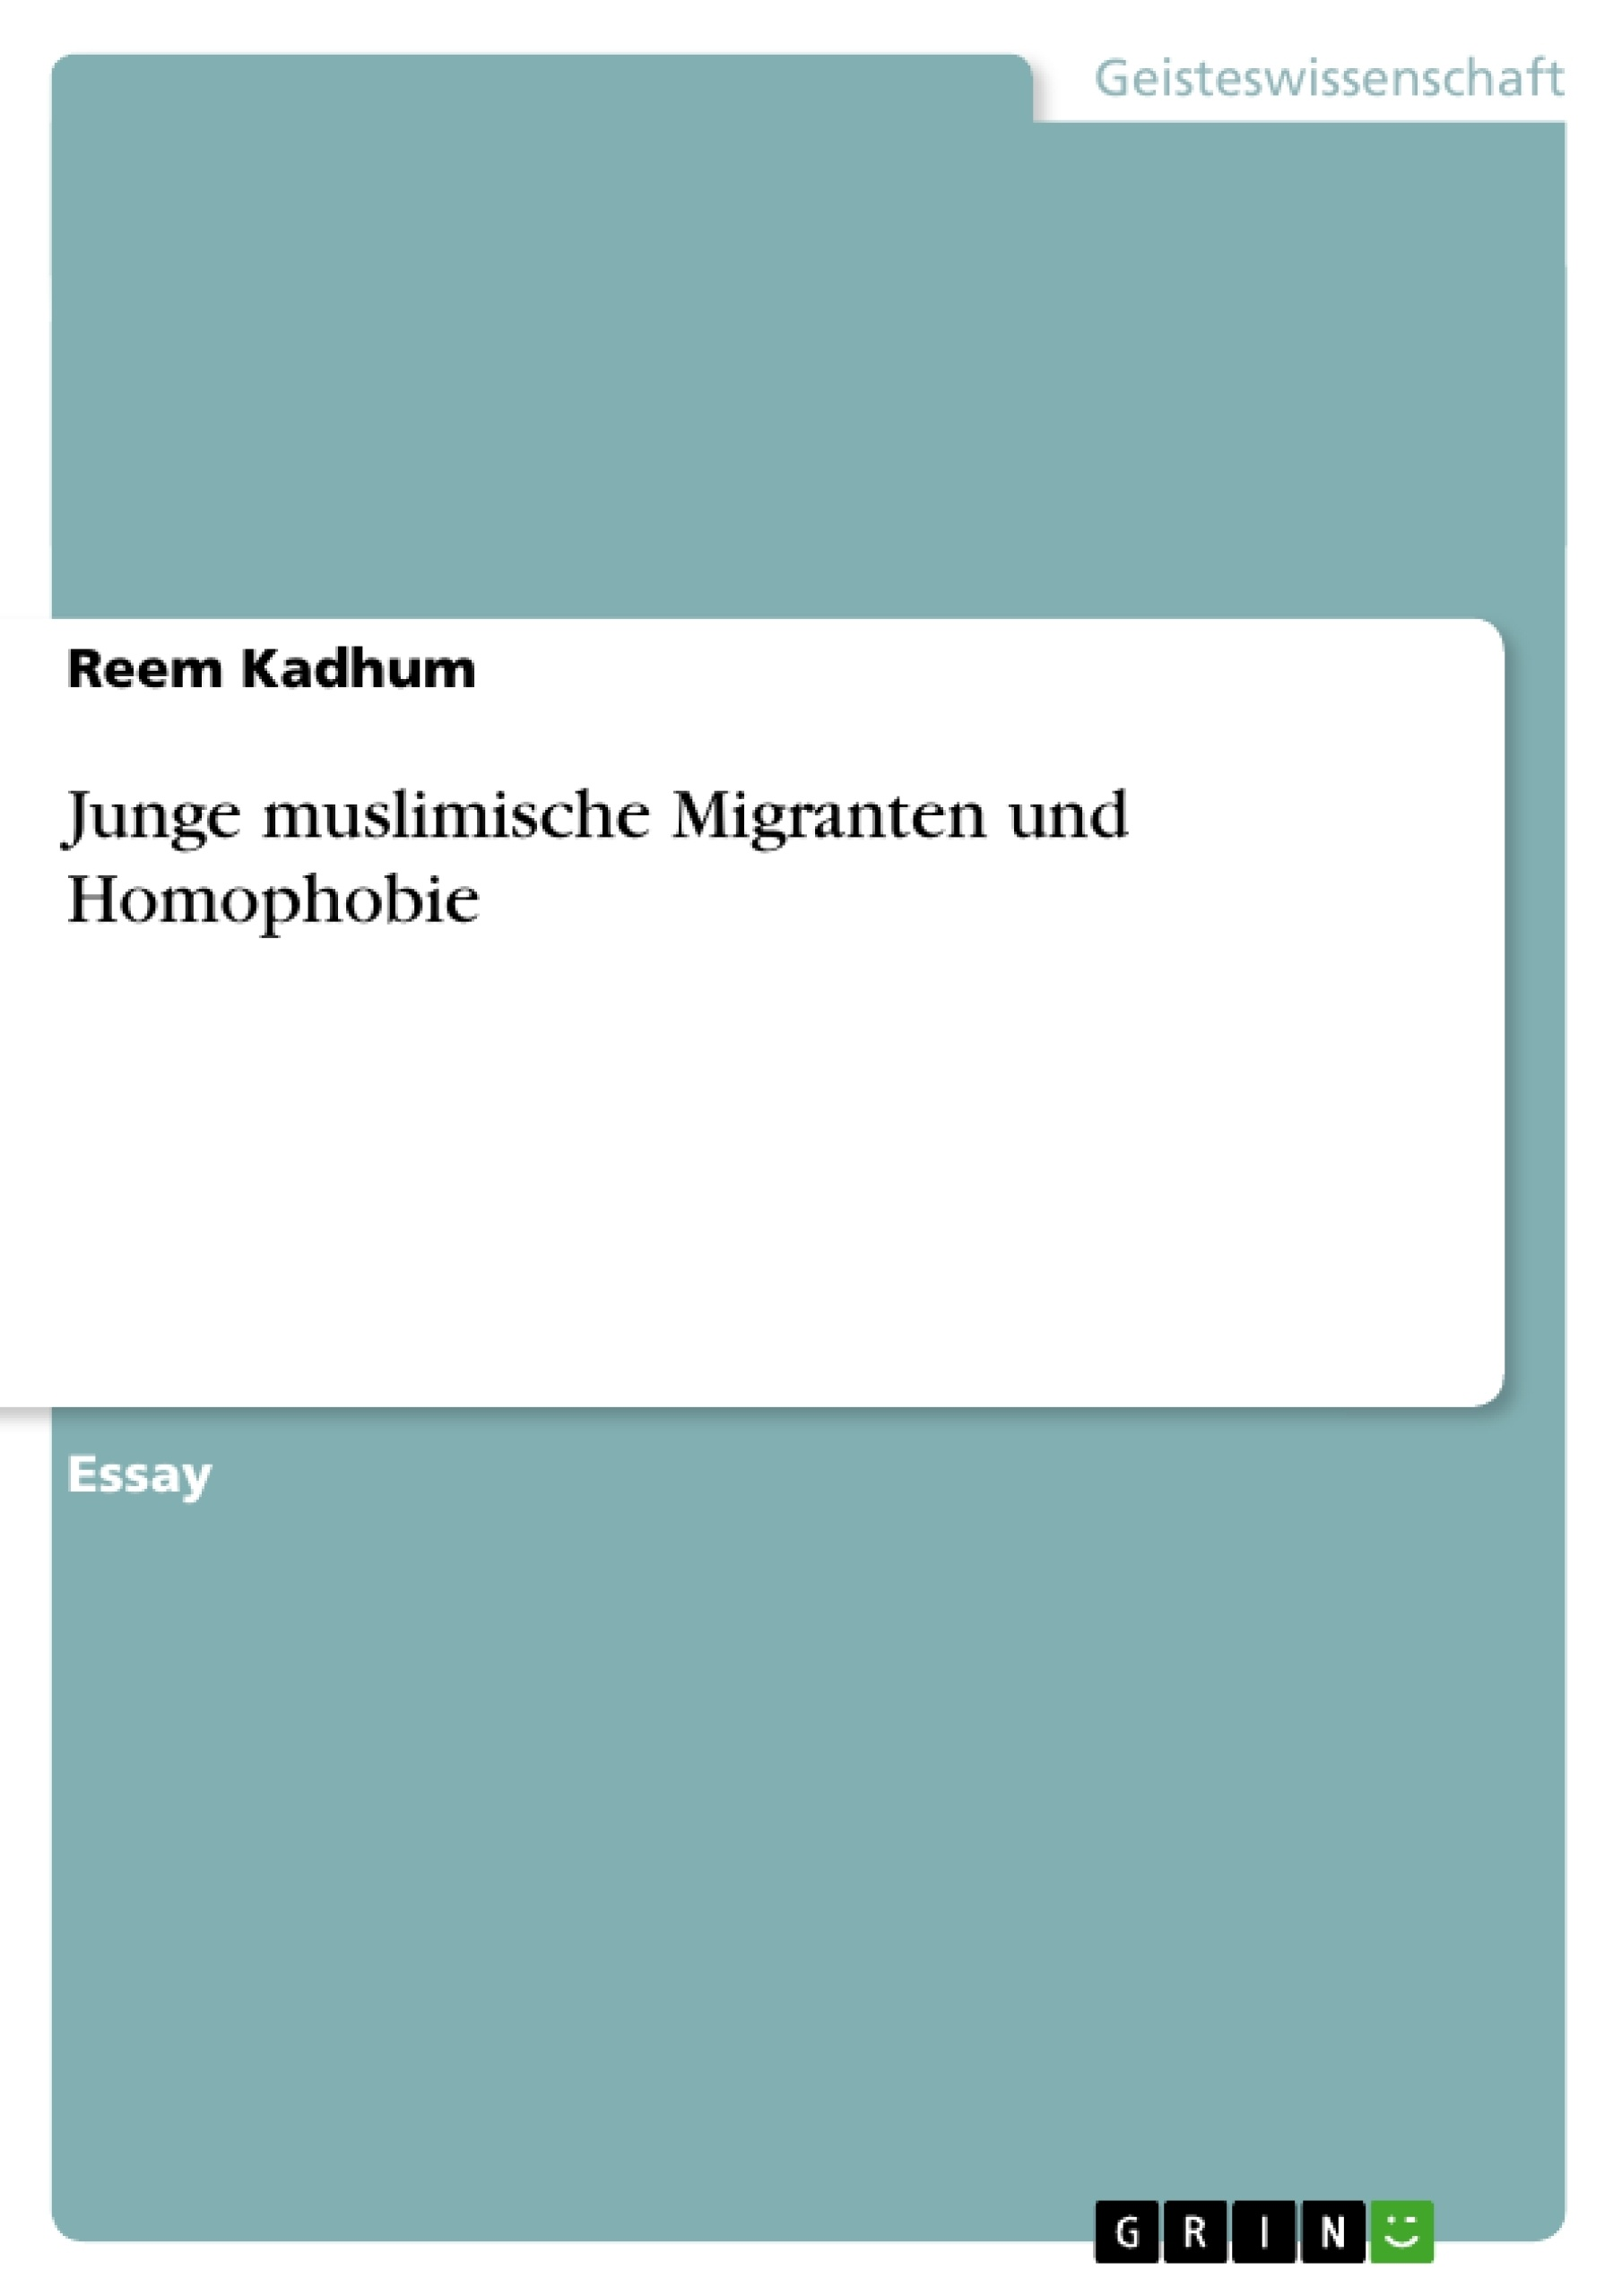 Titel: Junge muslimische Migranten und Homophobie